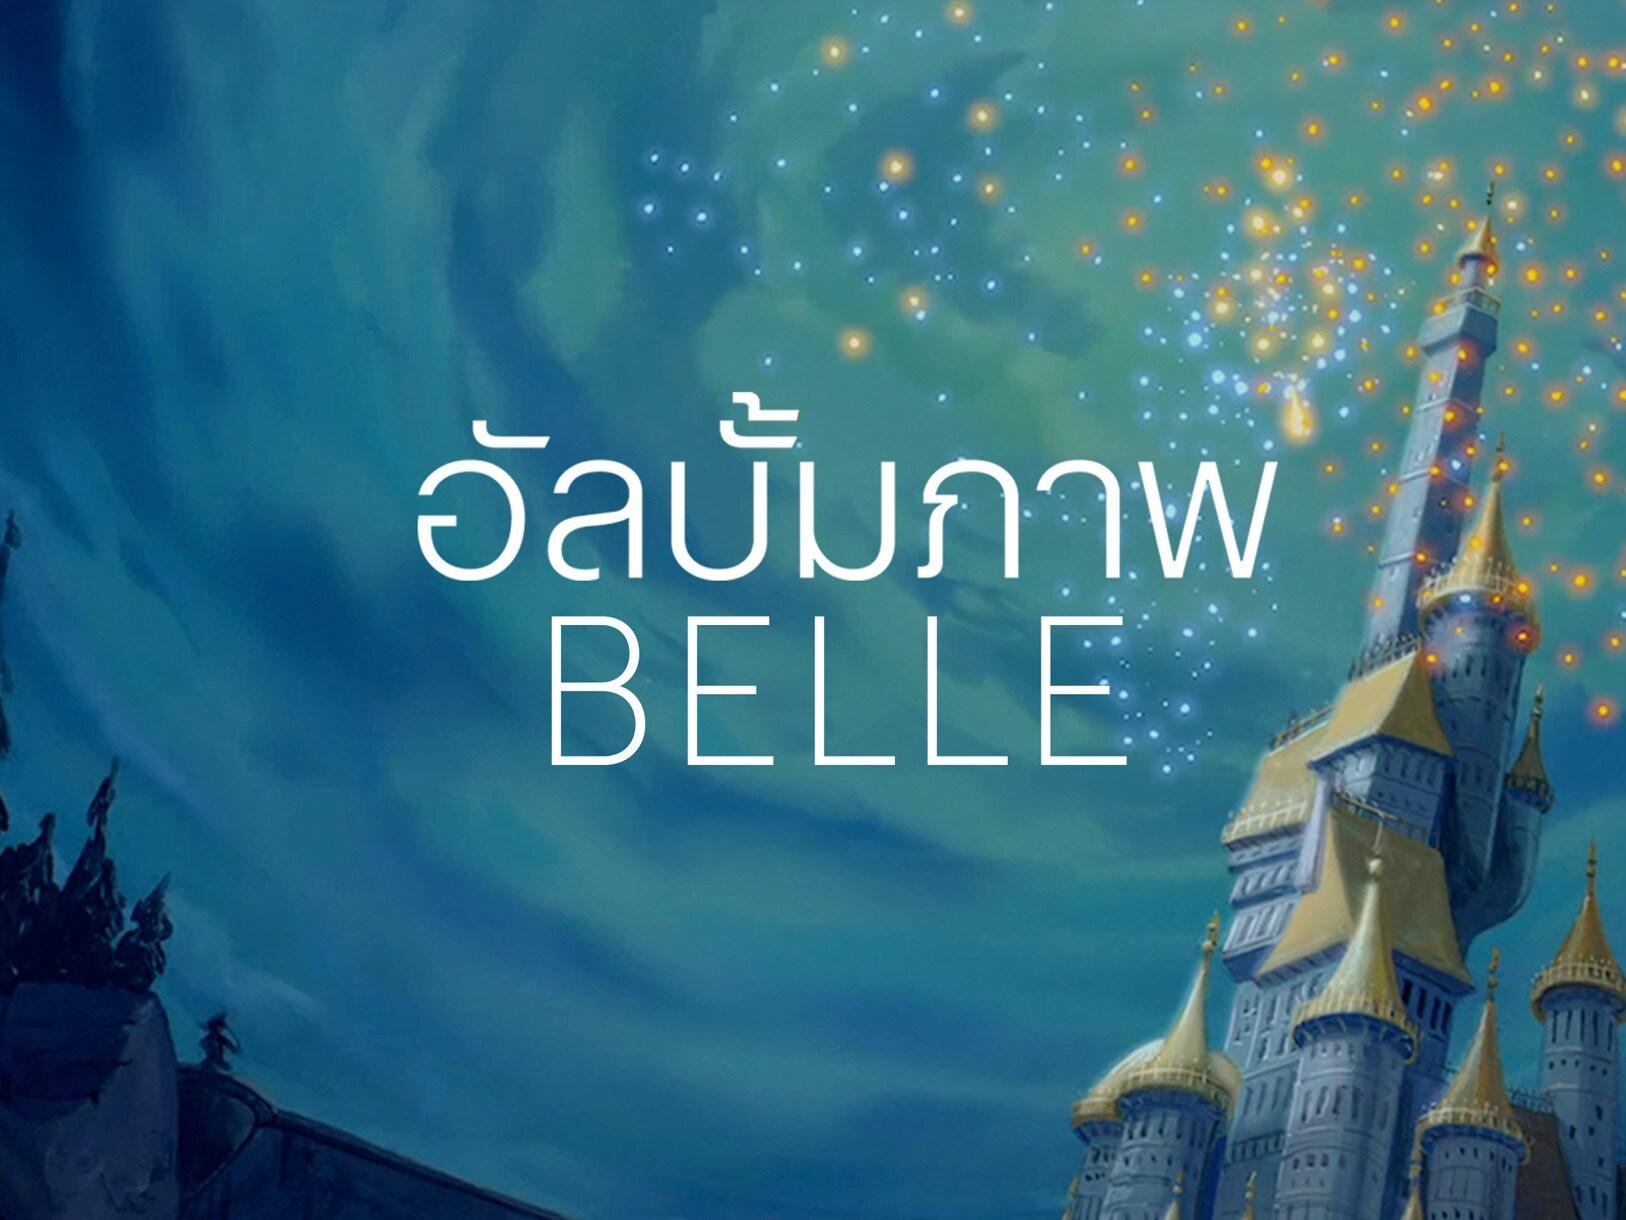 อัลบั้มภาพเจ้าหญิง Belle